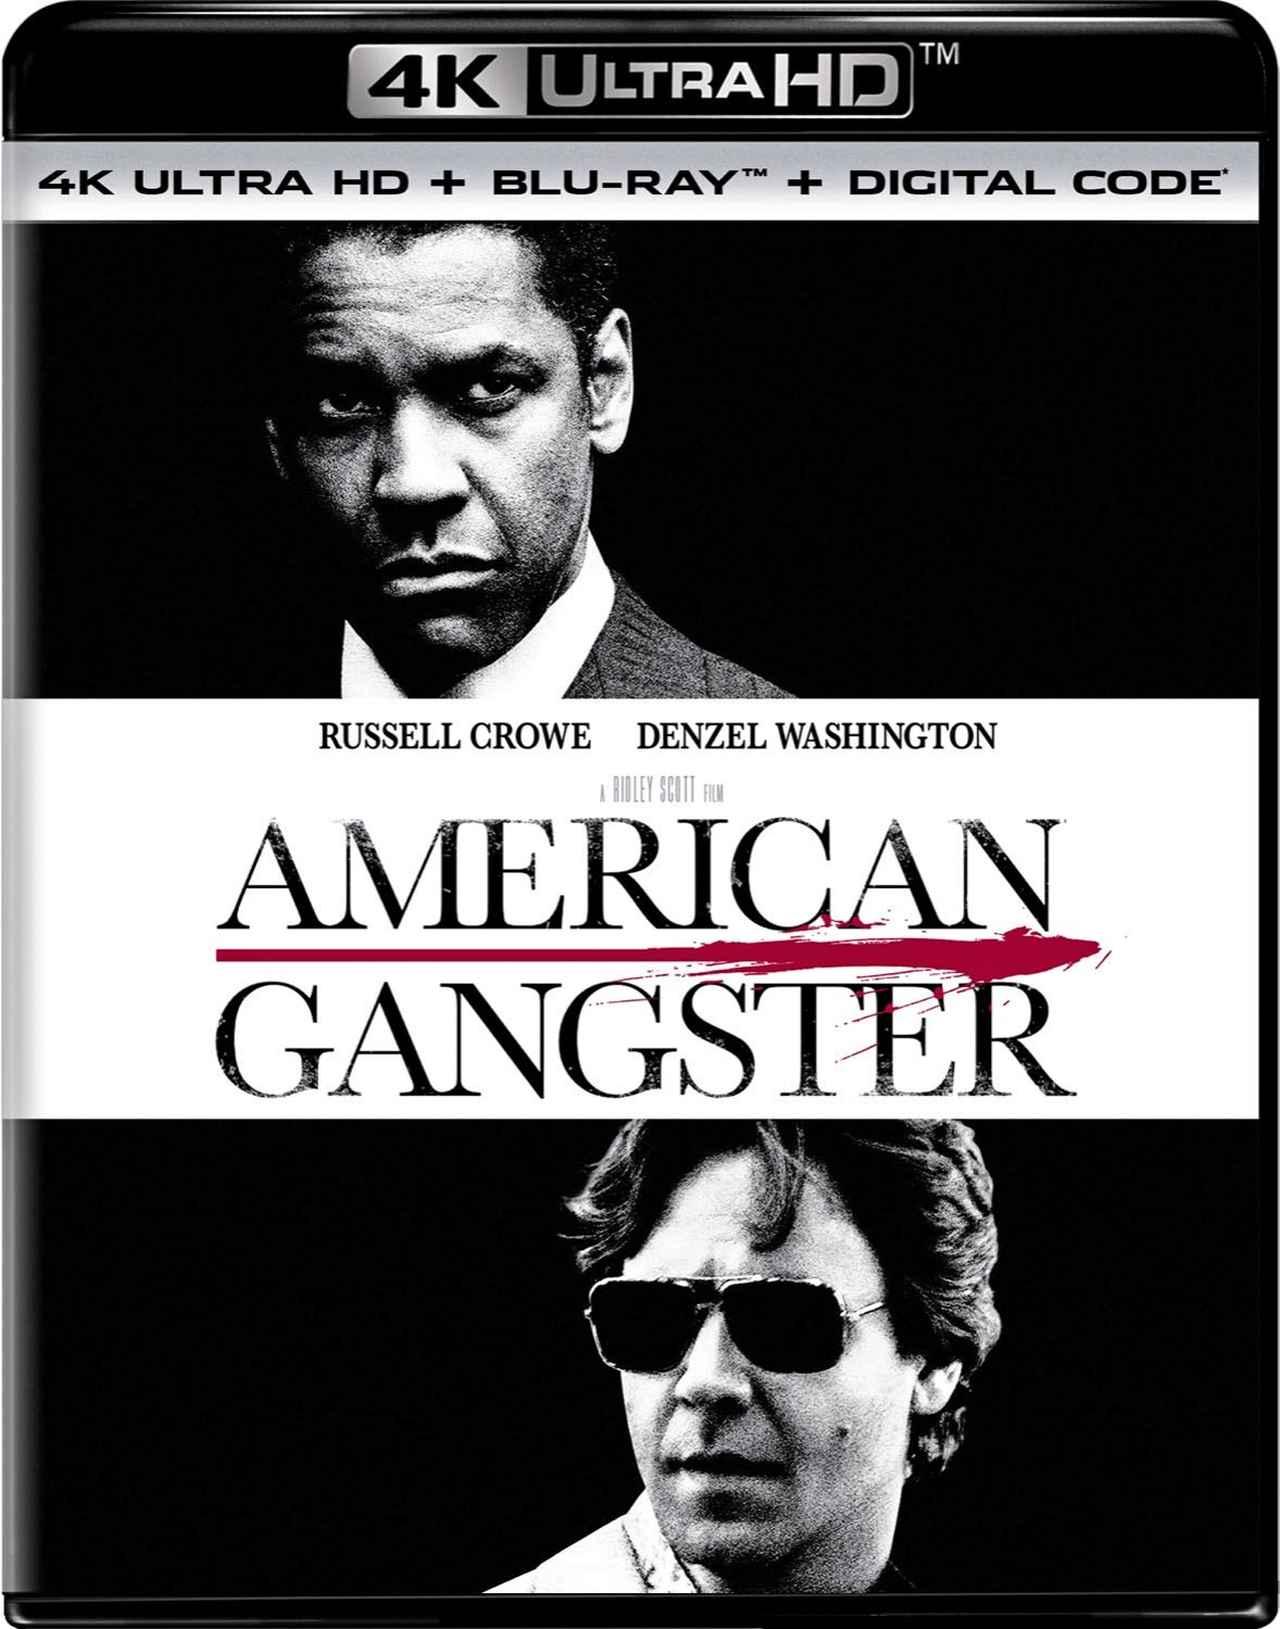 画像1: リドリー・スコットが贈る実録犯罪サスペンス『アメリカン・ギャングスター』【海外盤Blu-ray発売情報】